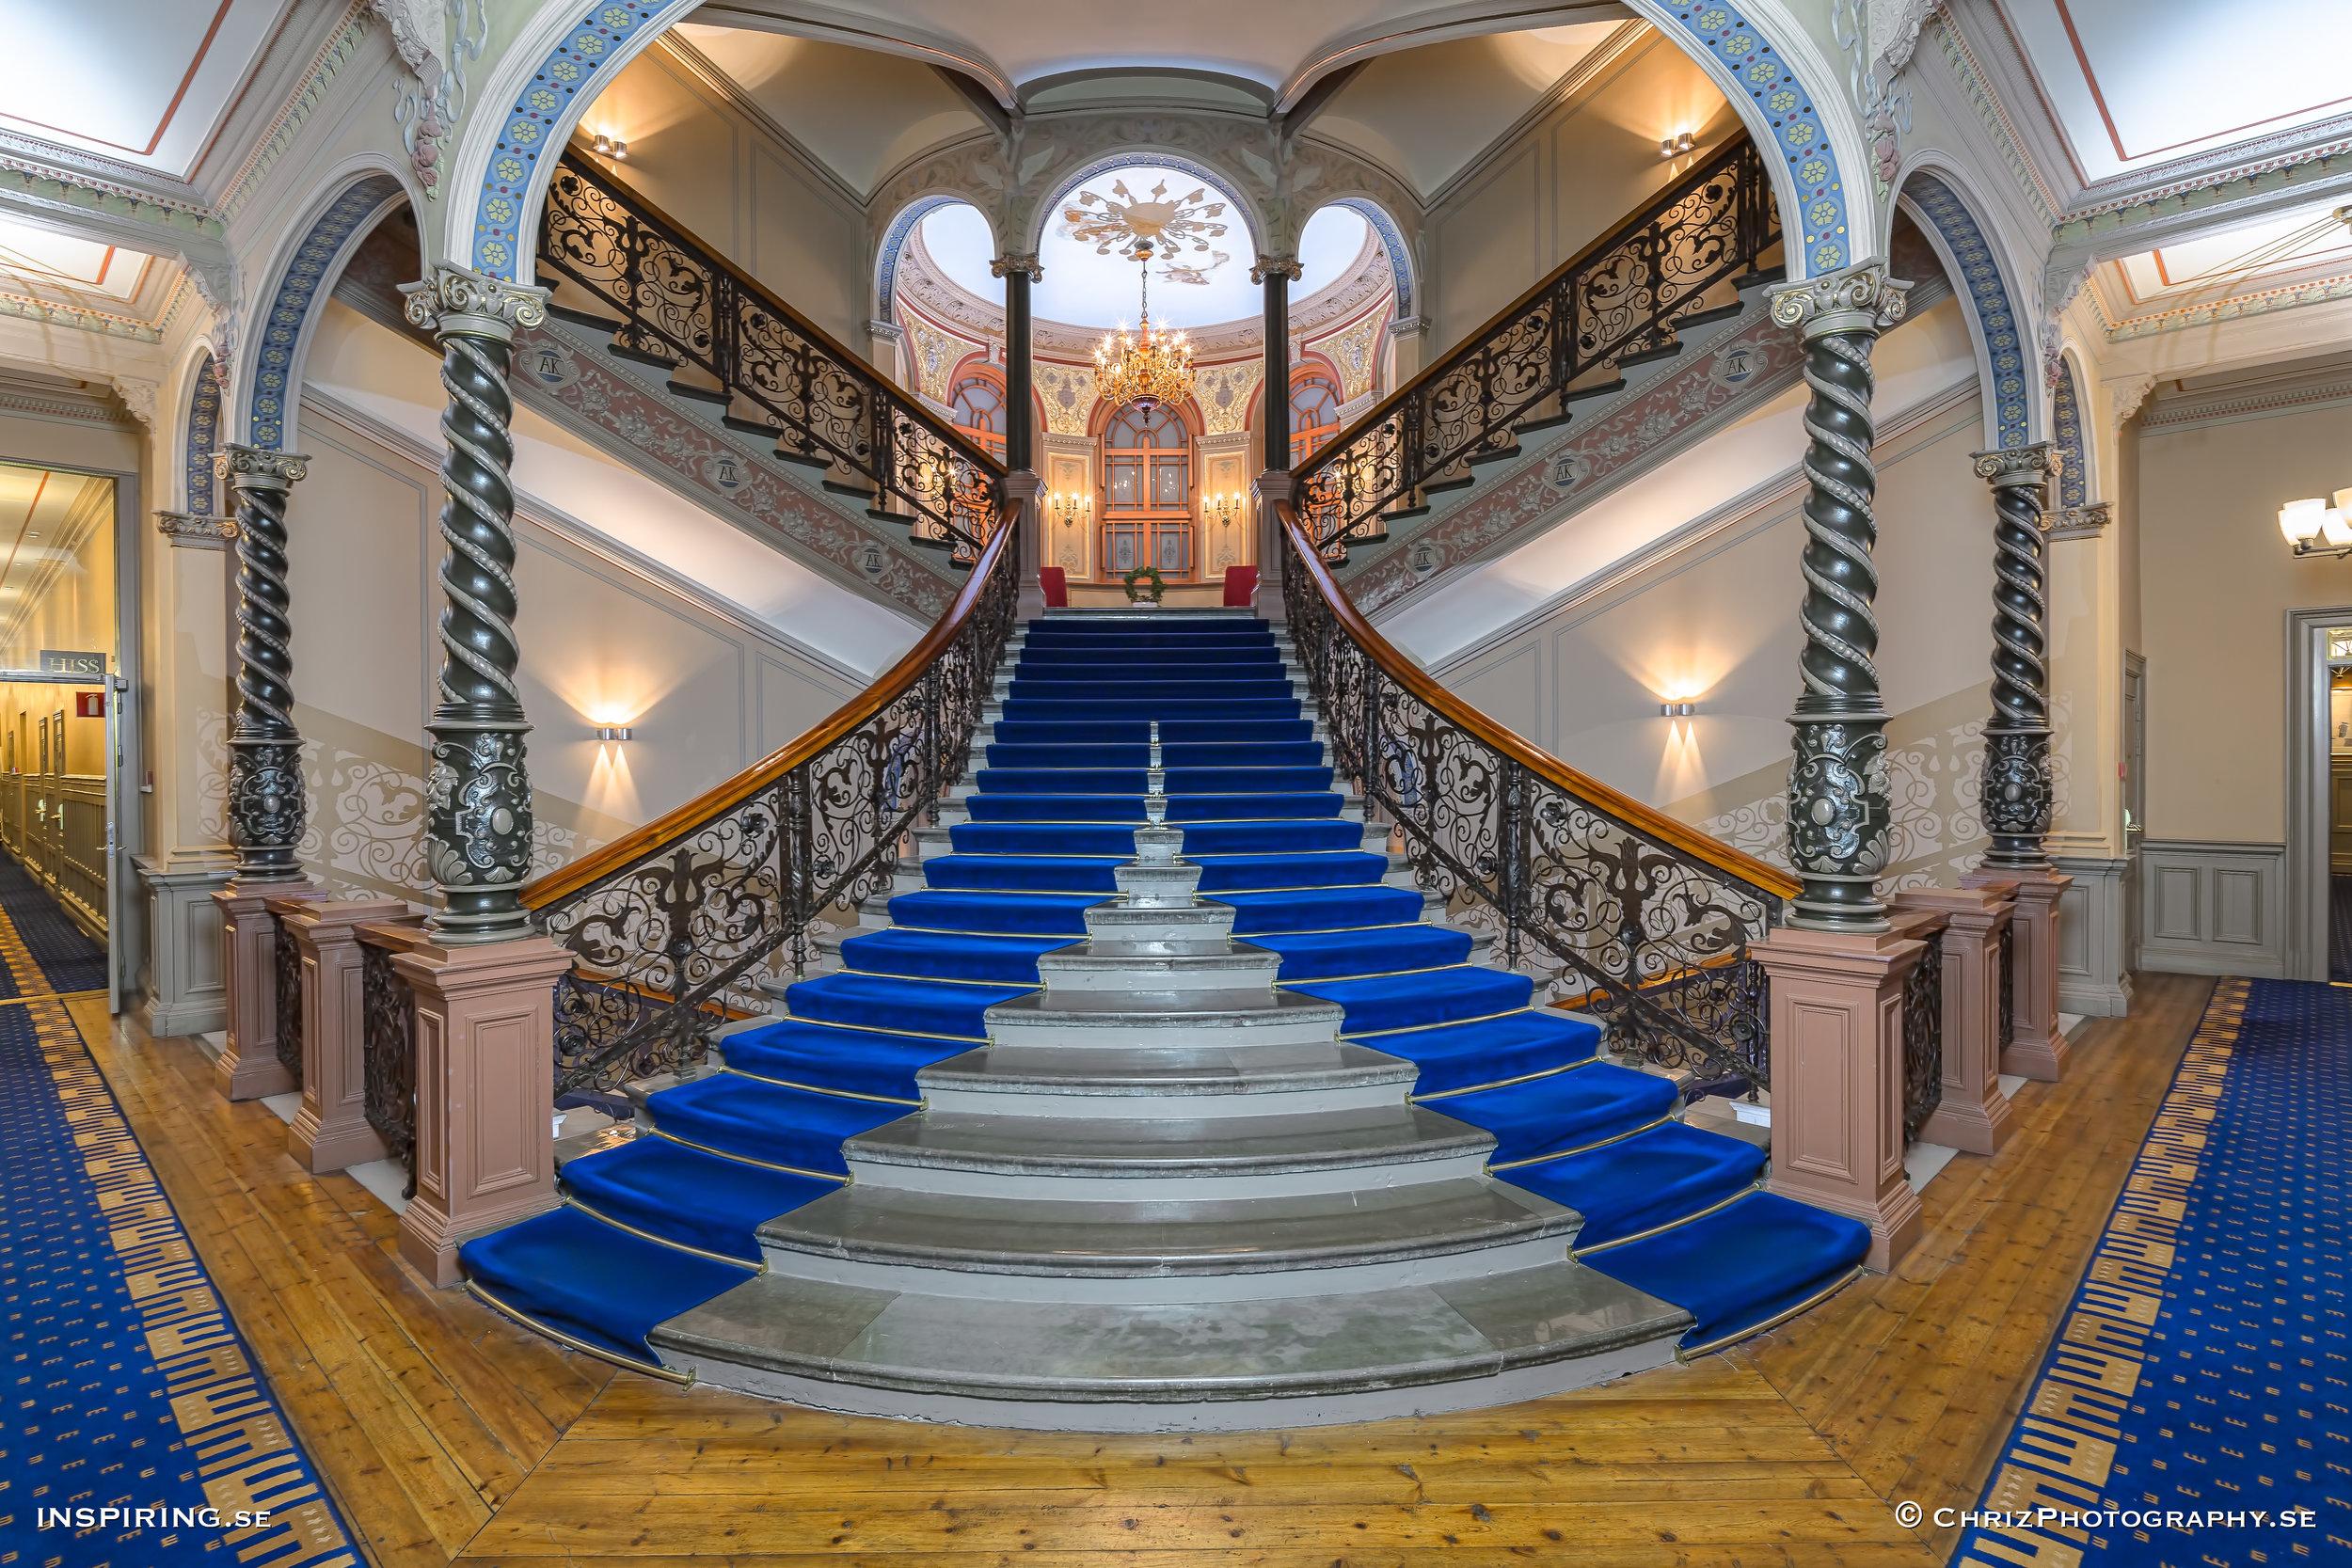 Elite_Hotel_Knaust_Inspiring.se_copyright_ChrizPhotography.se_31.jpg